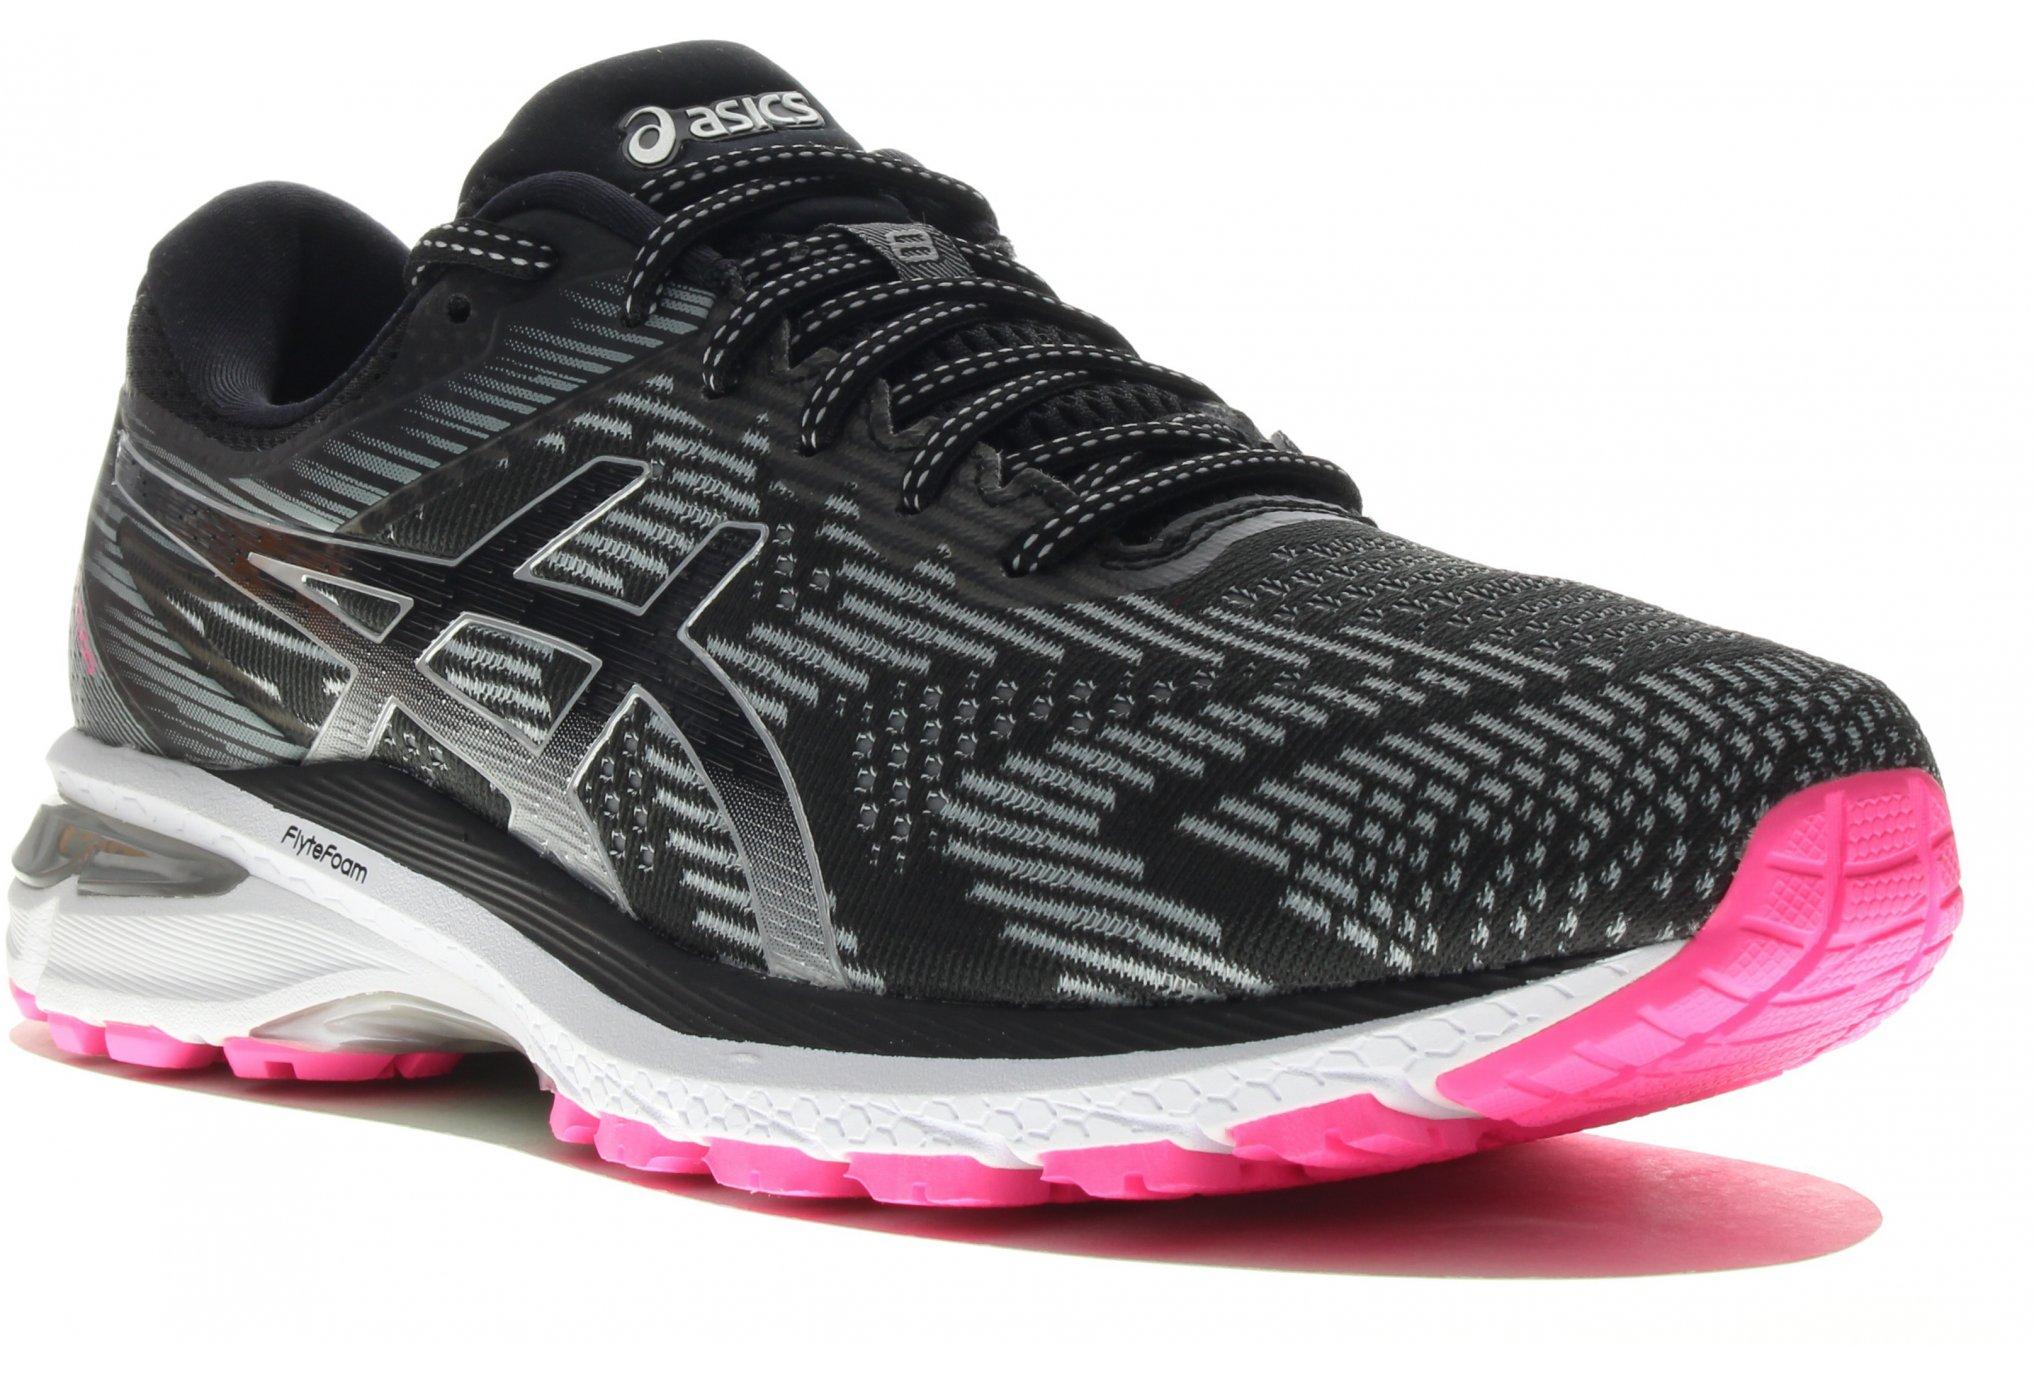 Asics GT-2000 8 Expert Chaussures running femme